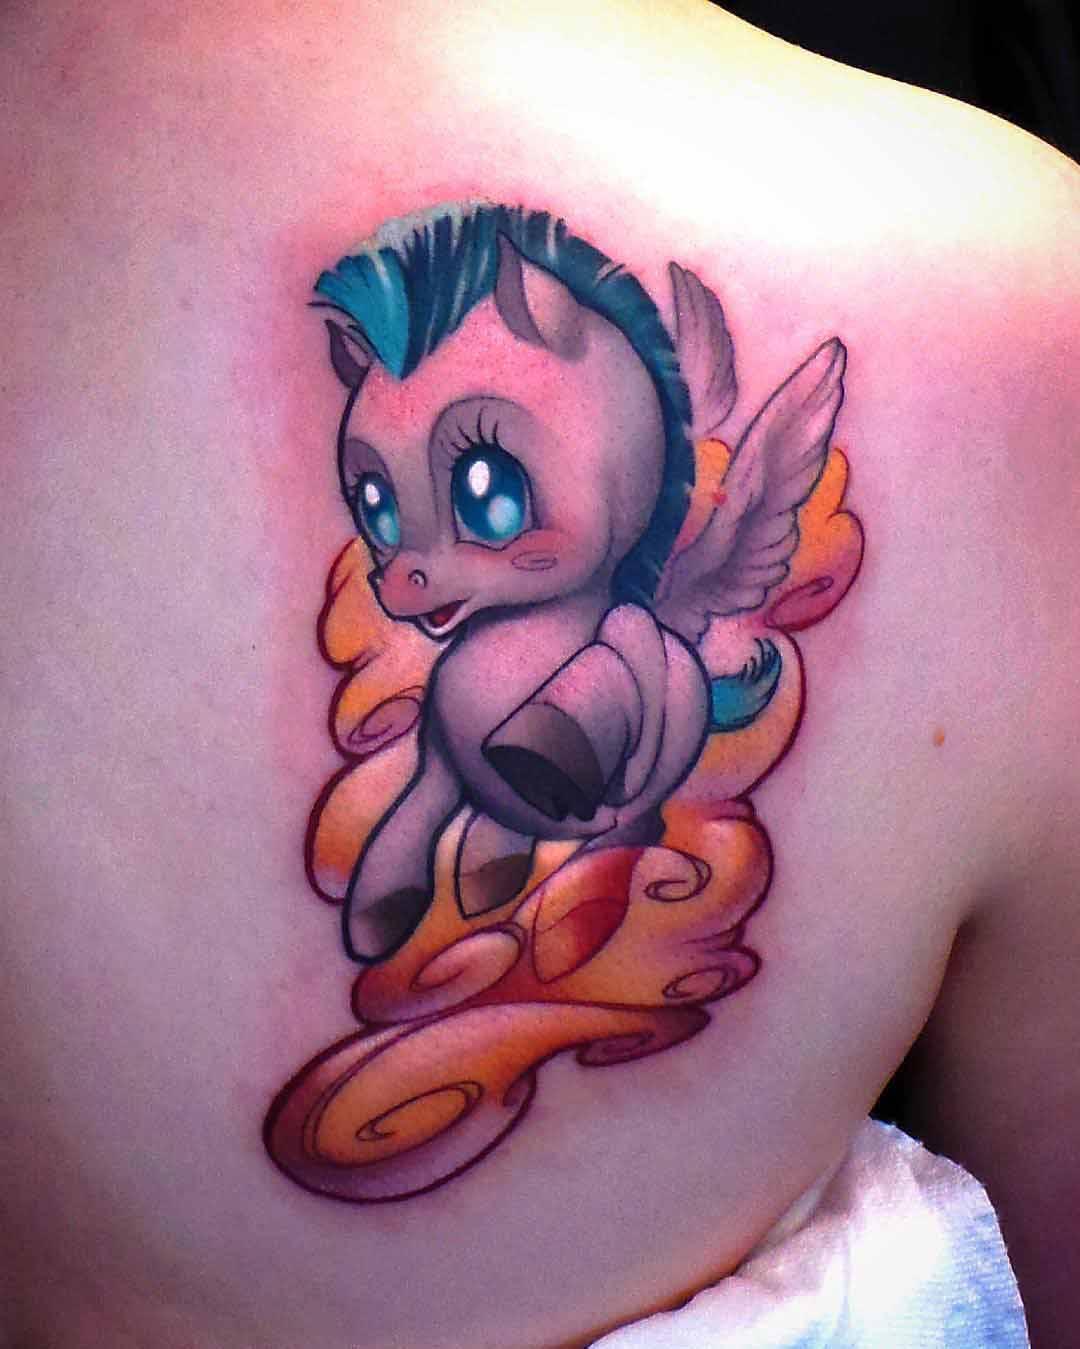 hercules baby pegasus tattoo